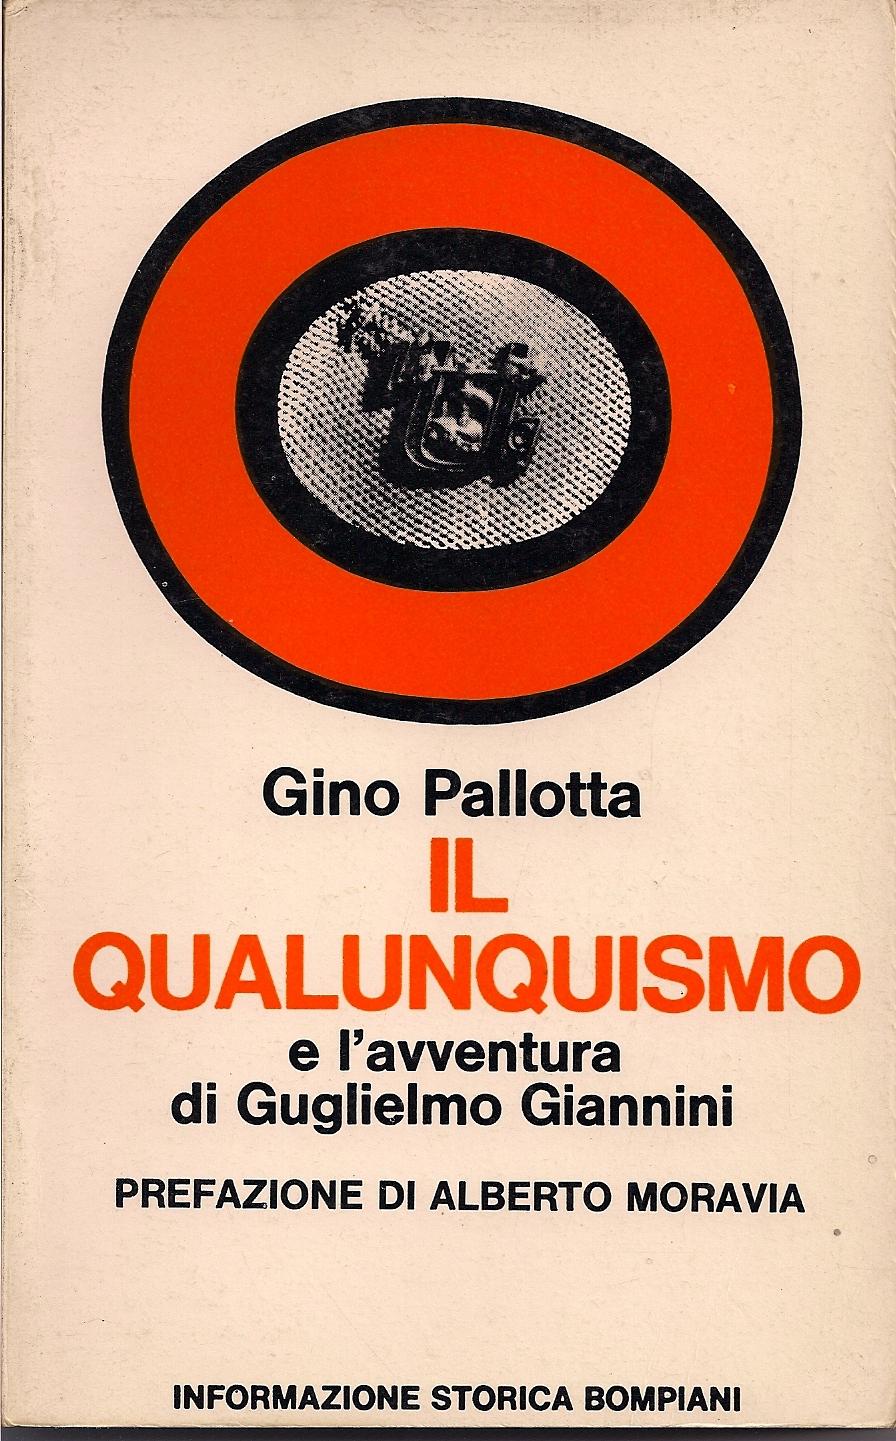 Il qualunquismo e l'avventura di Guglielmo Giannini